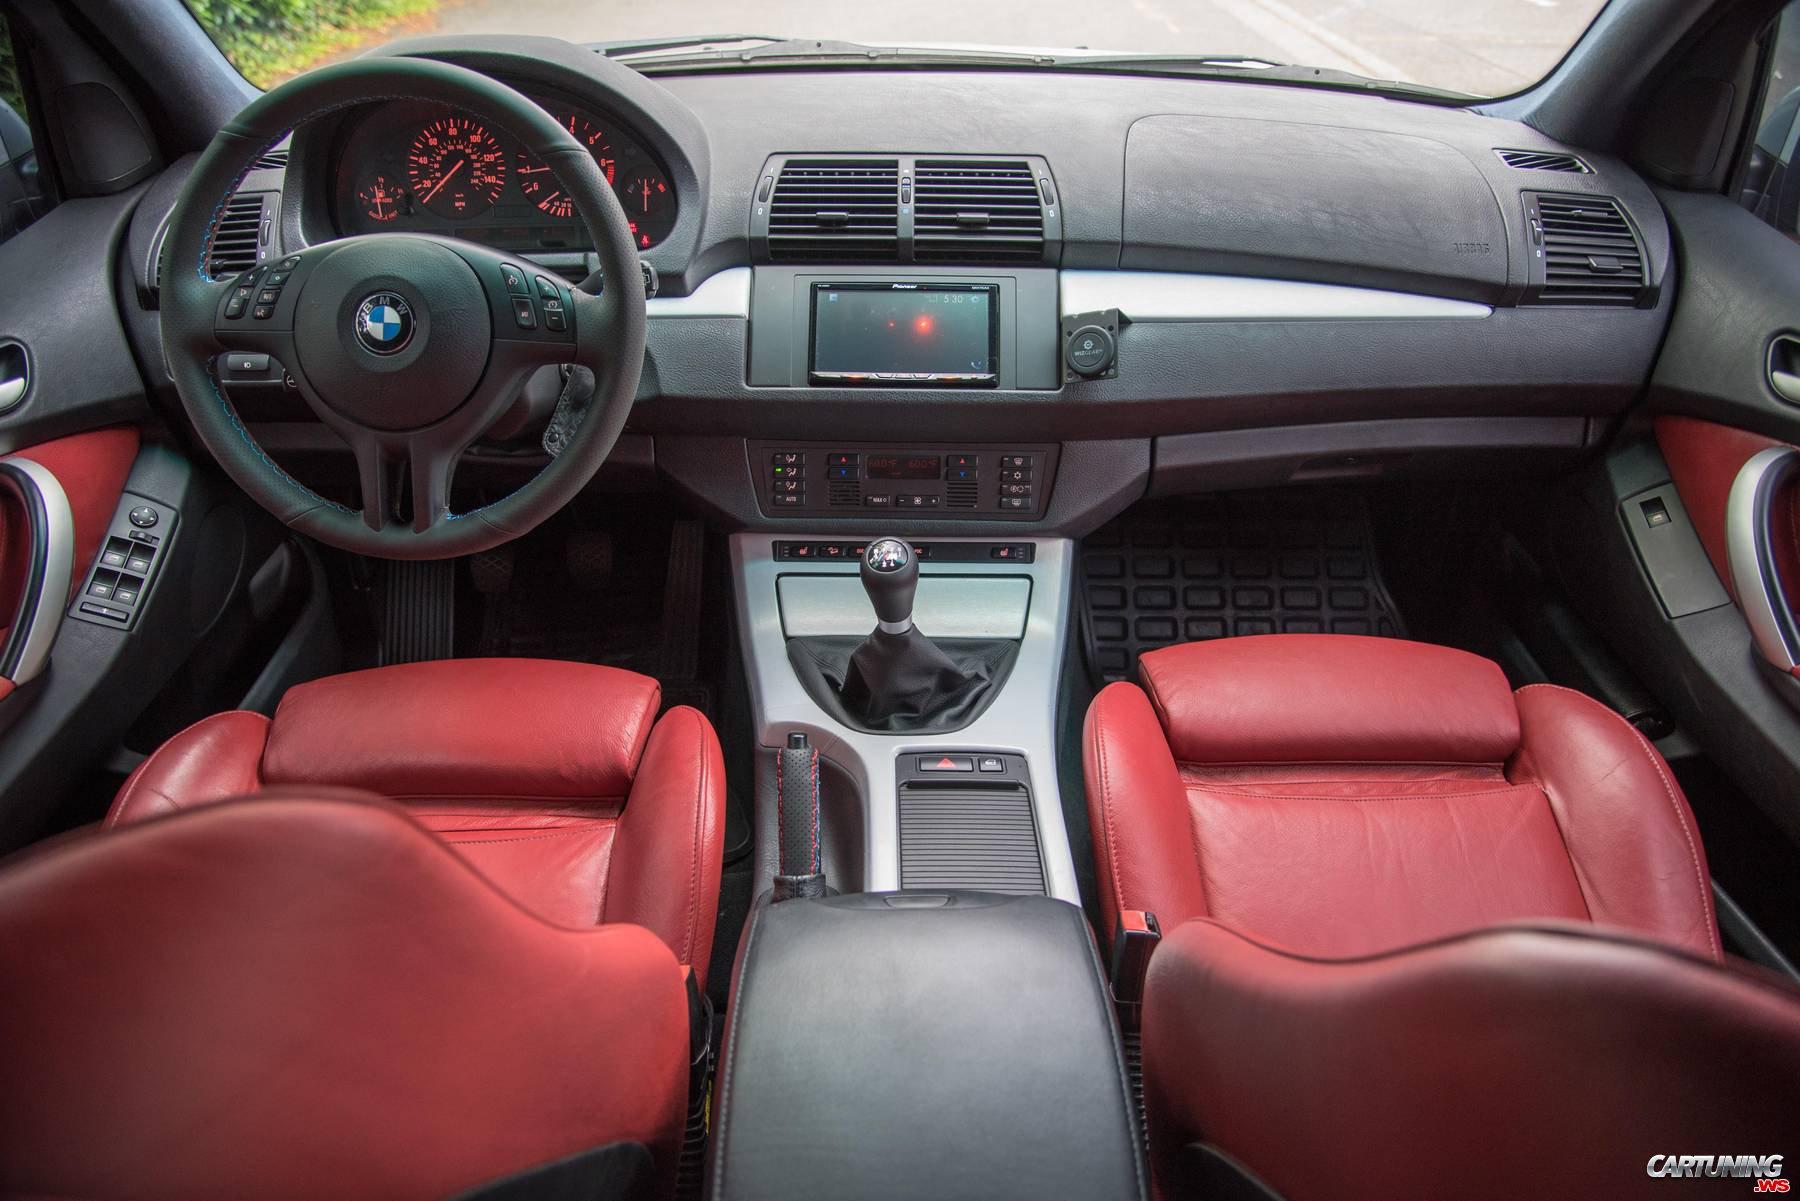 Lifted BMW X5 E53, interior